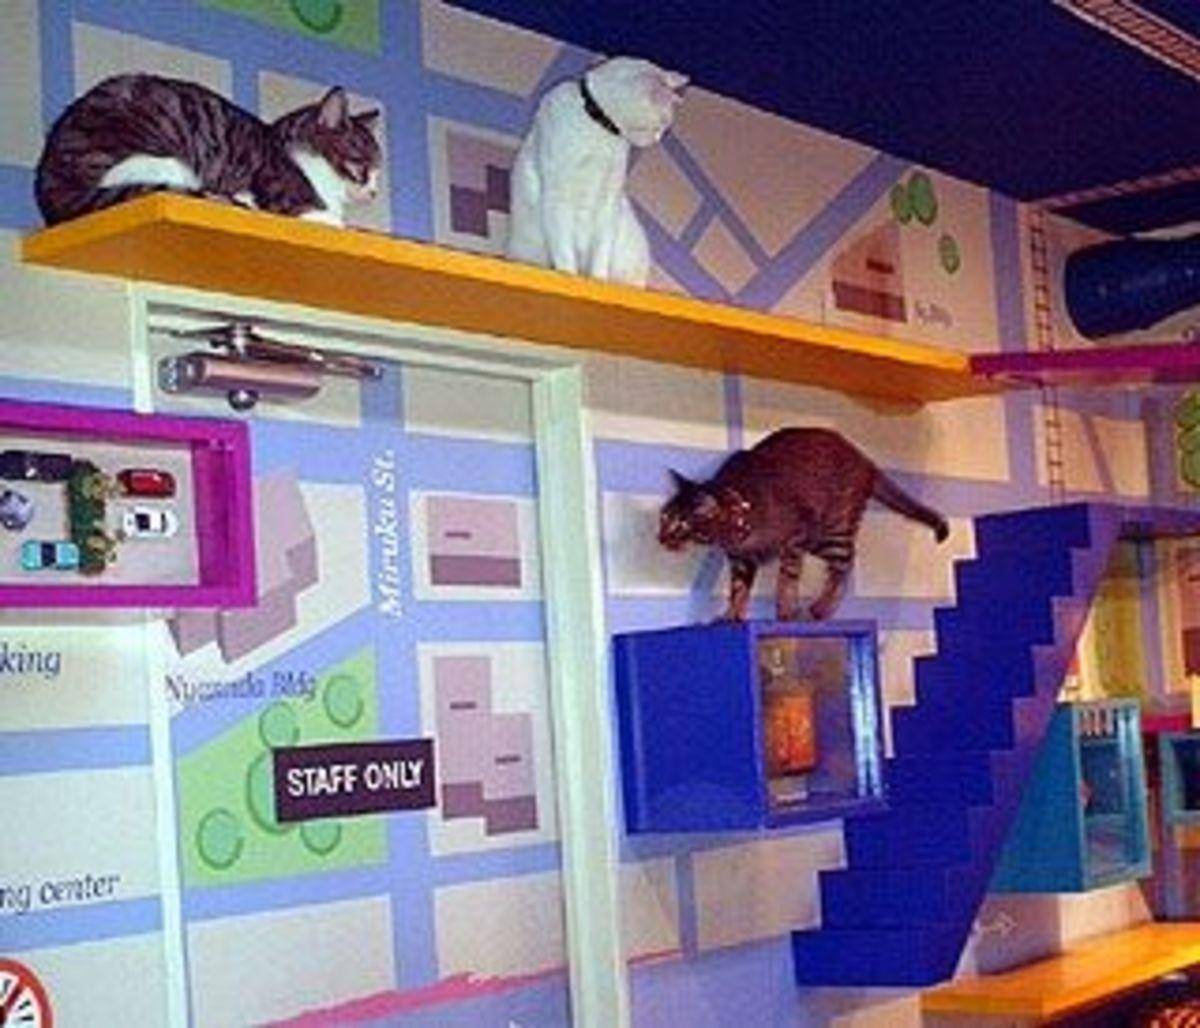 Fun Cat Room Ideas by mi2starsfan